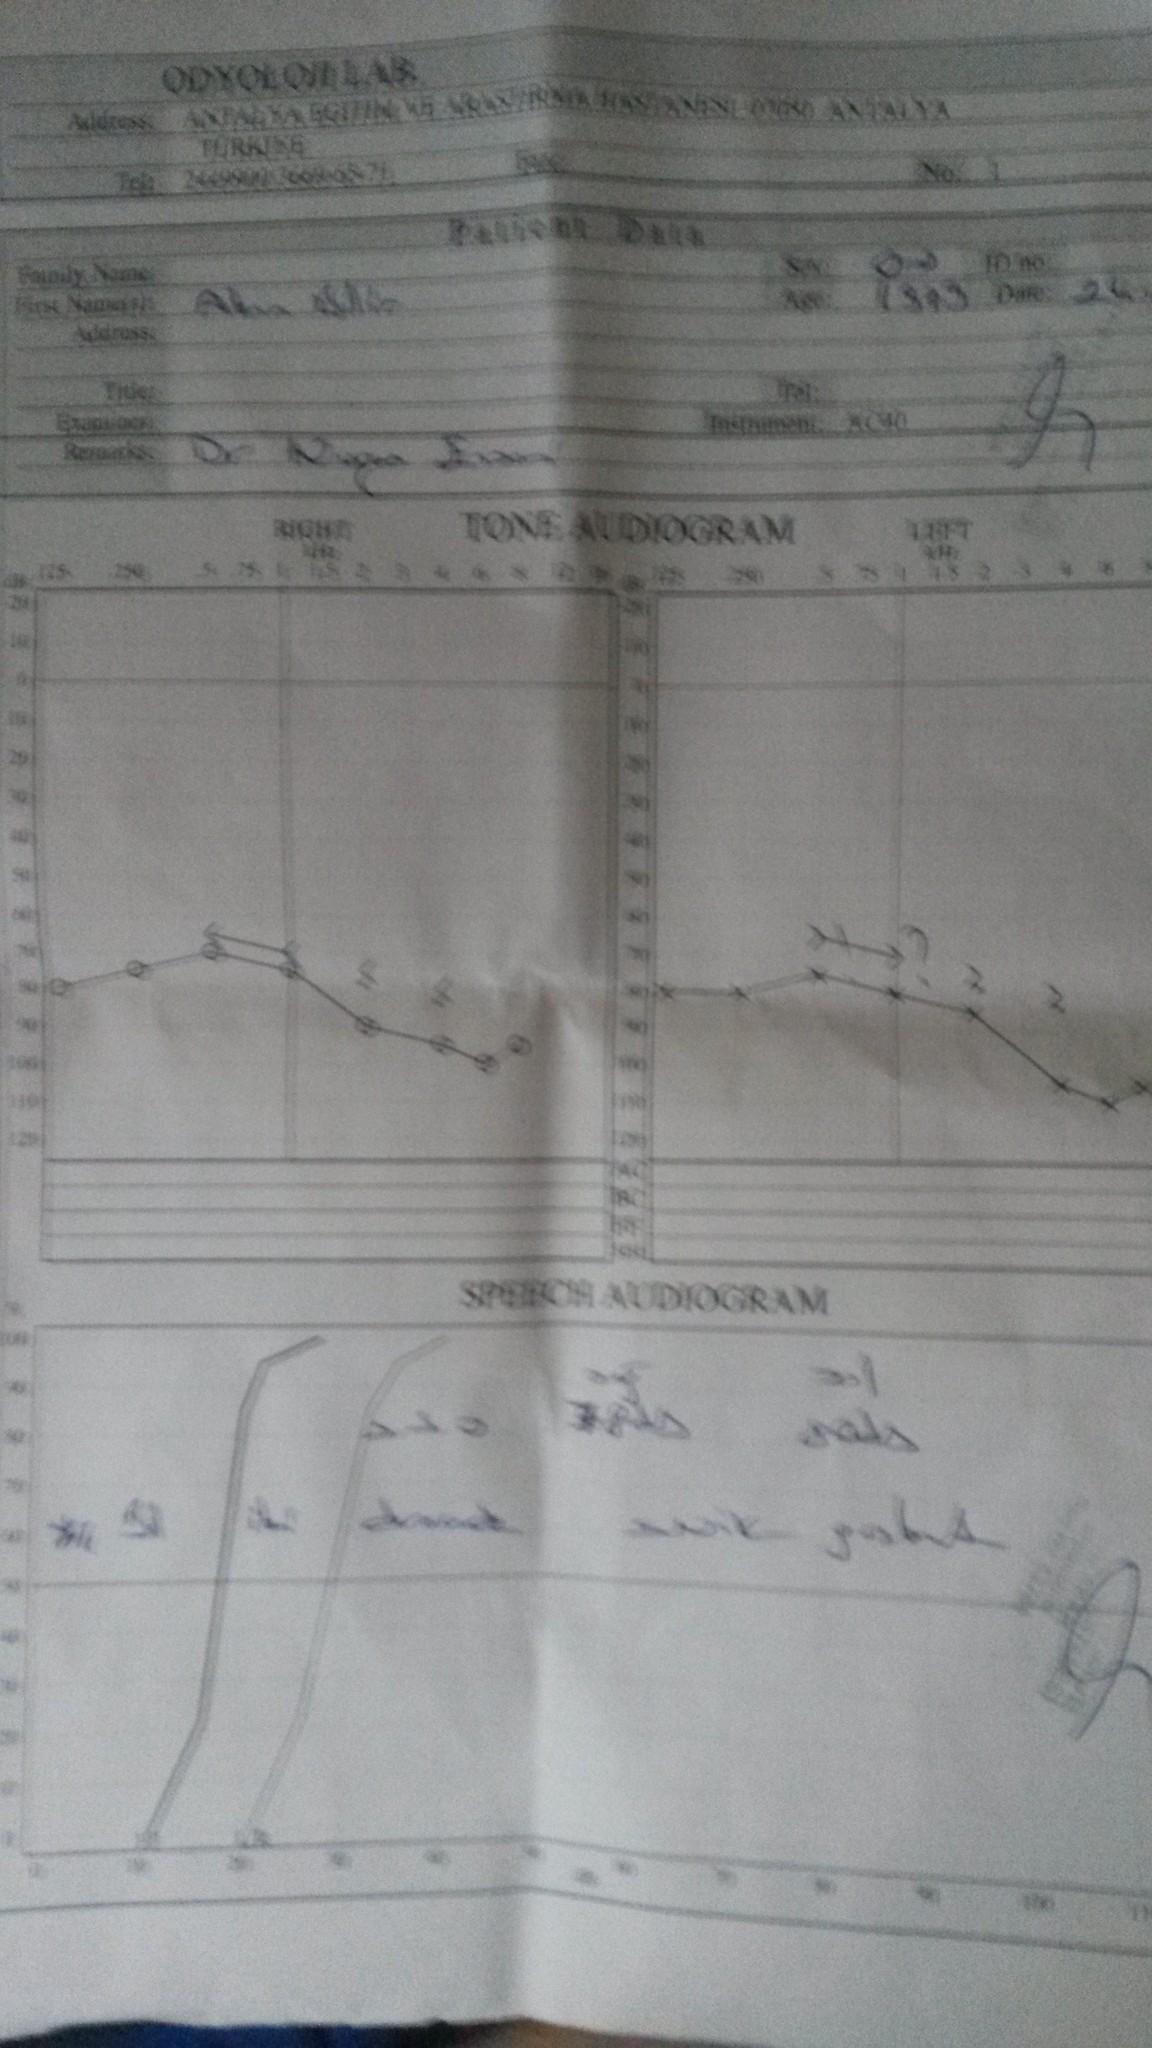 WV77dL - İşitme testinden özür oranı hesaplanması